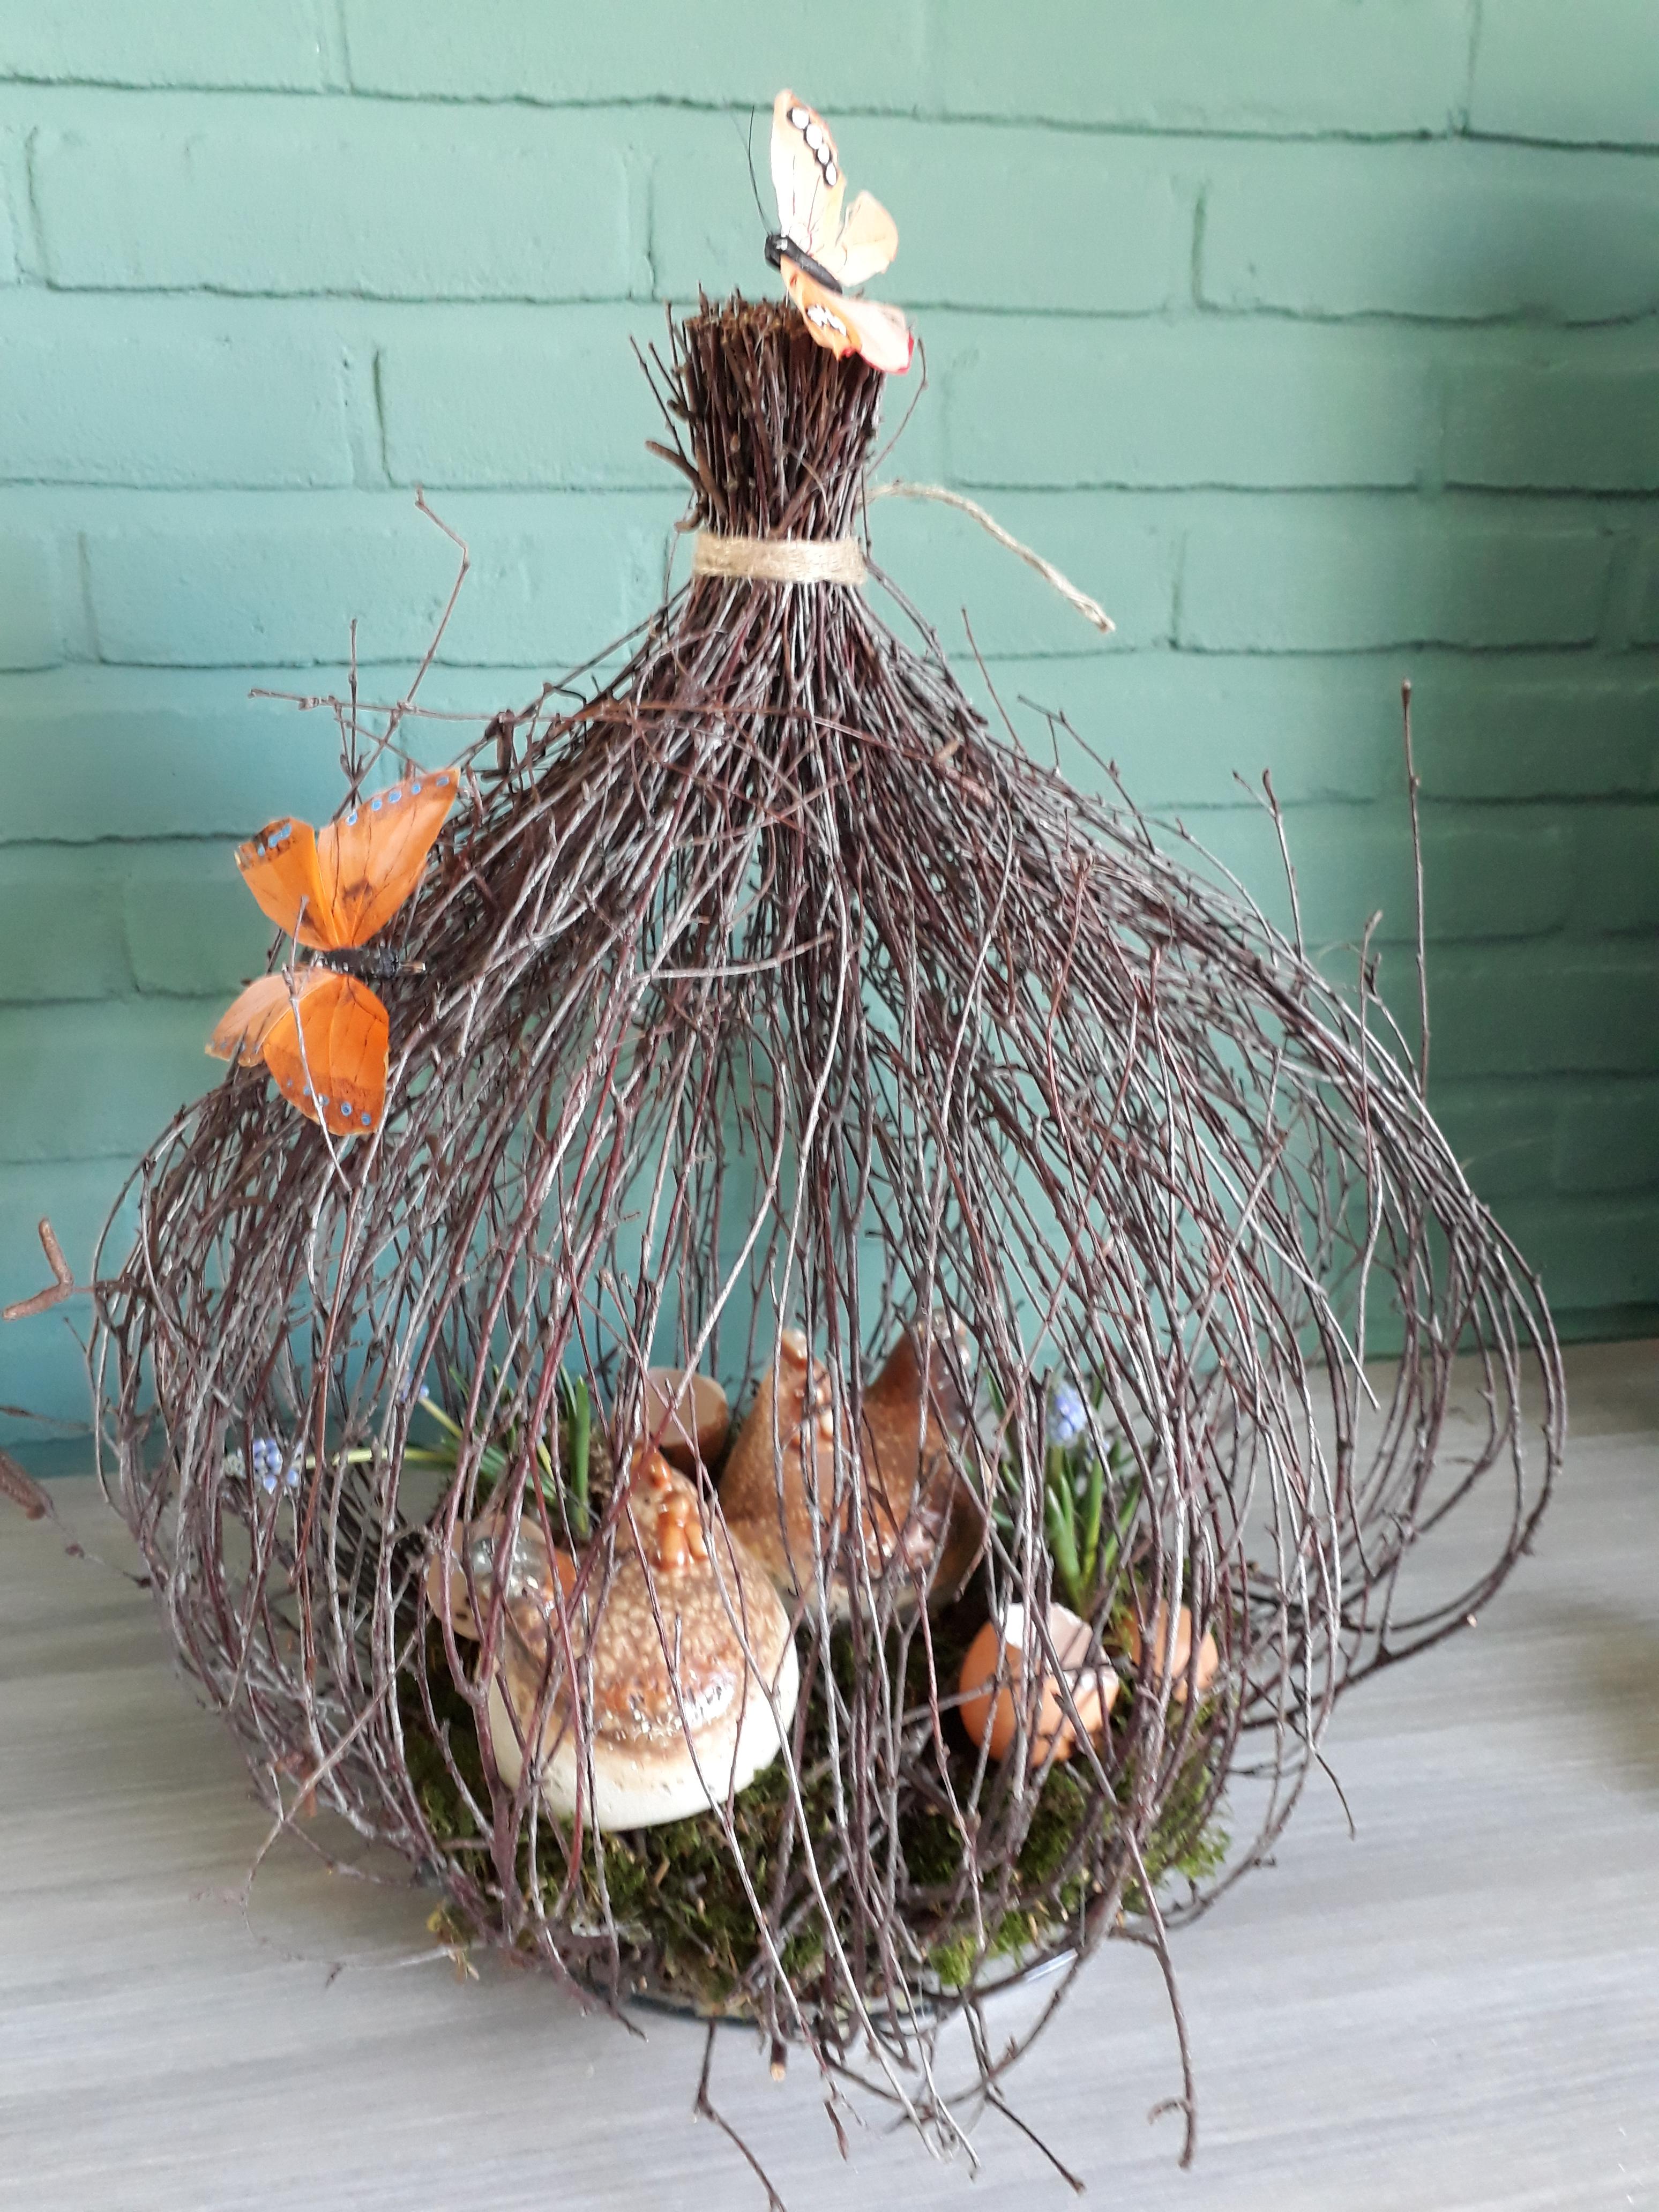 kip in nest